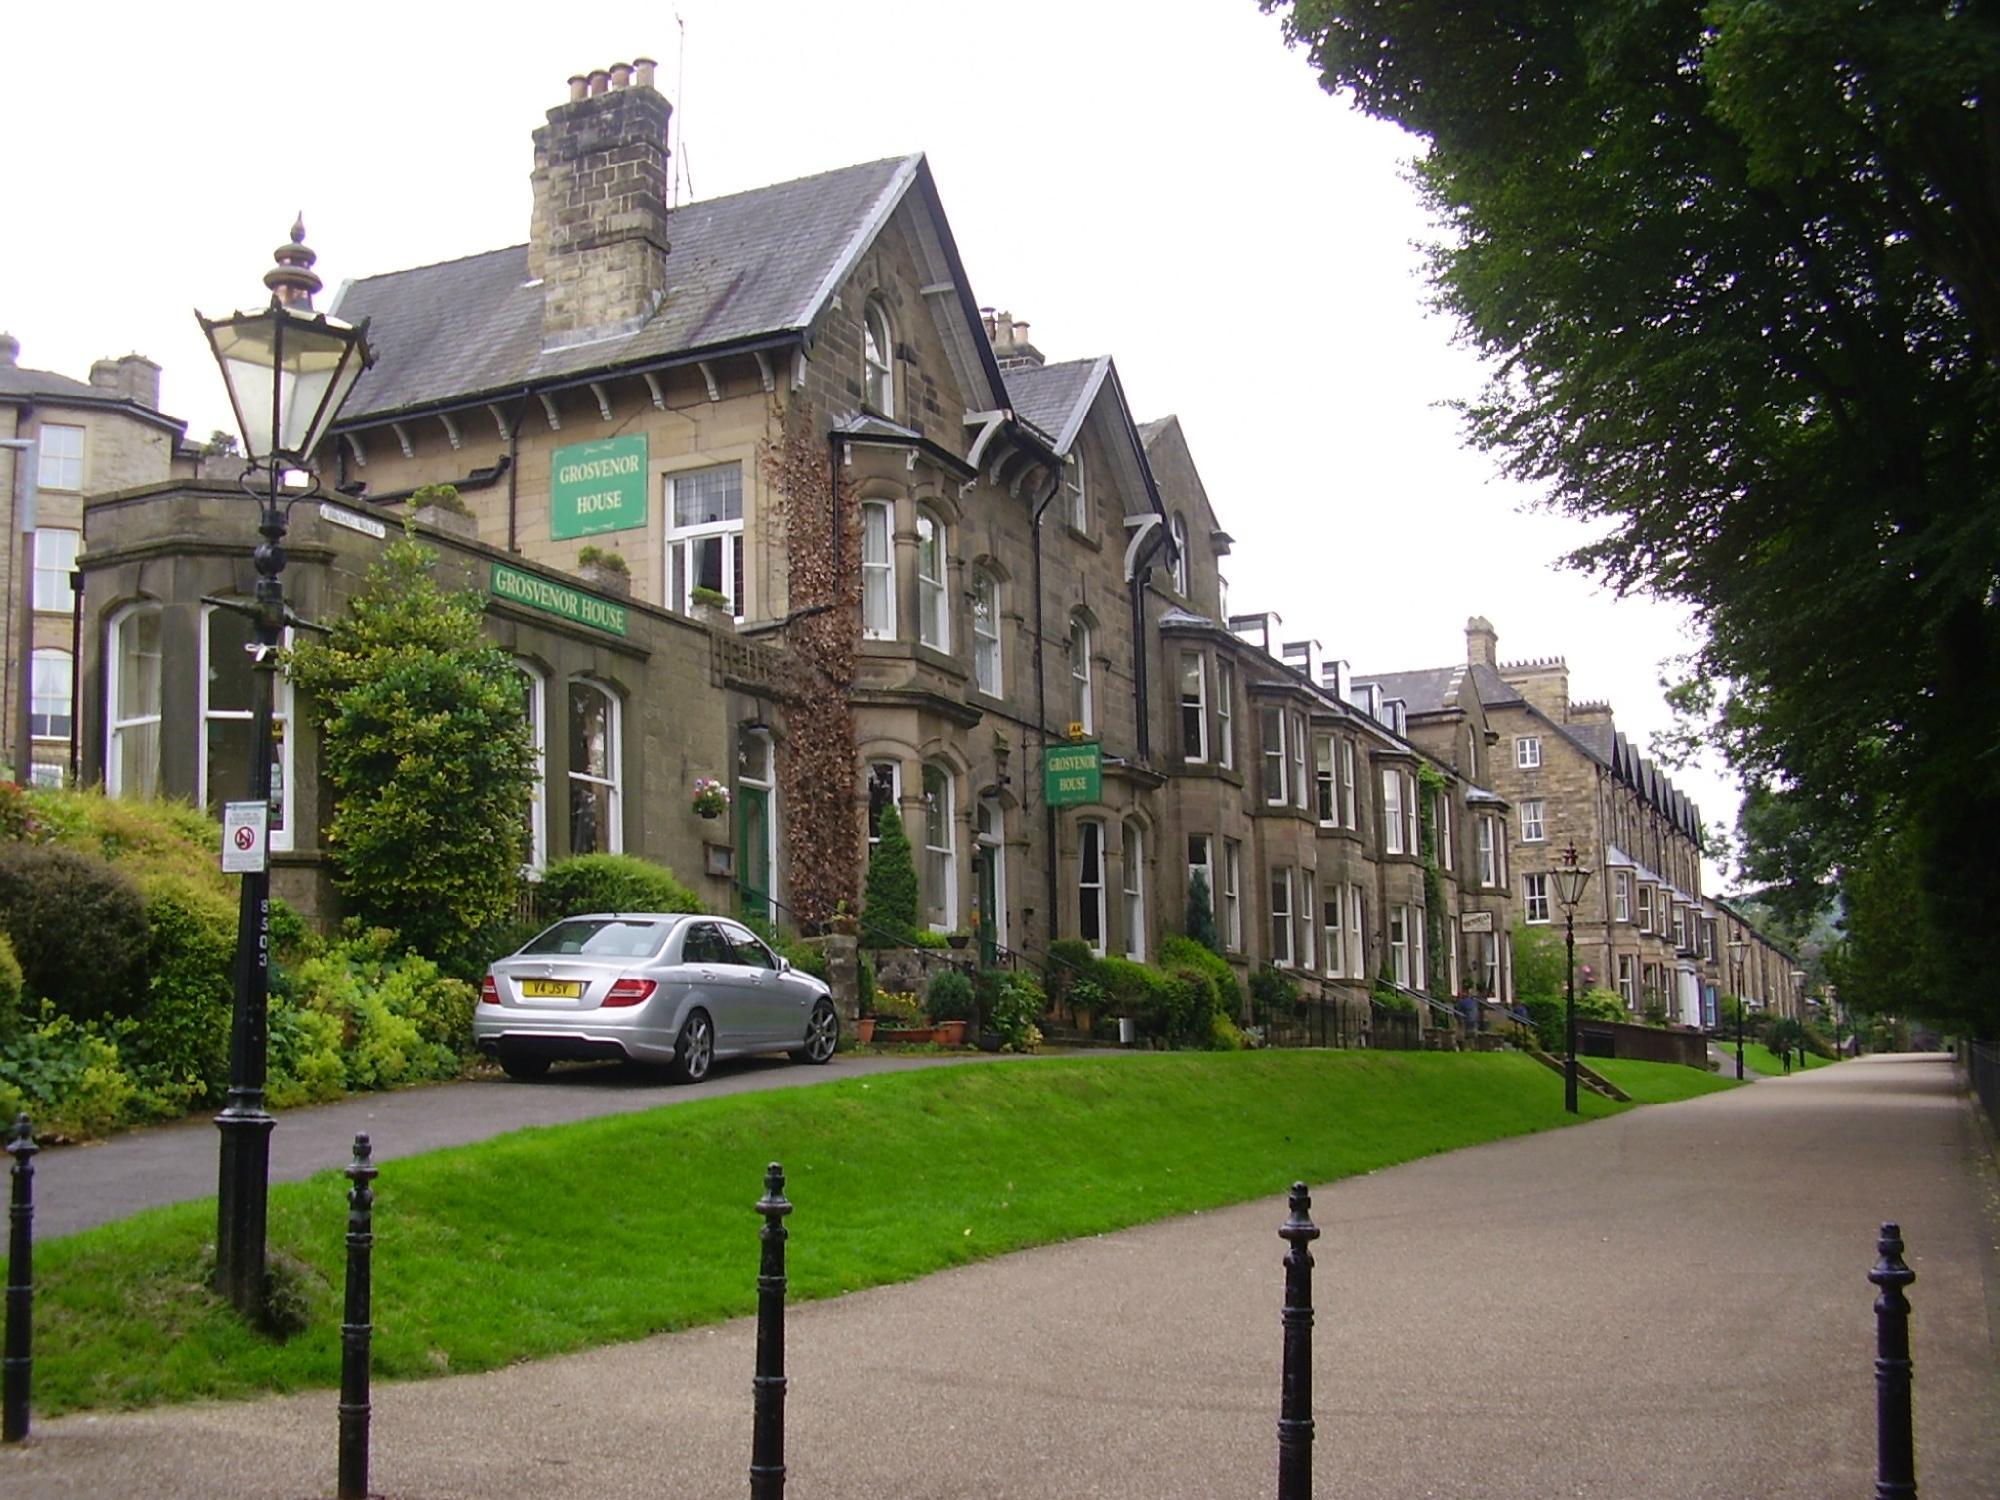 Grosvenor House